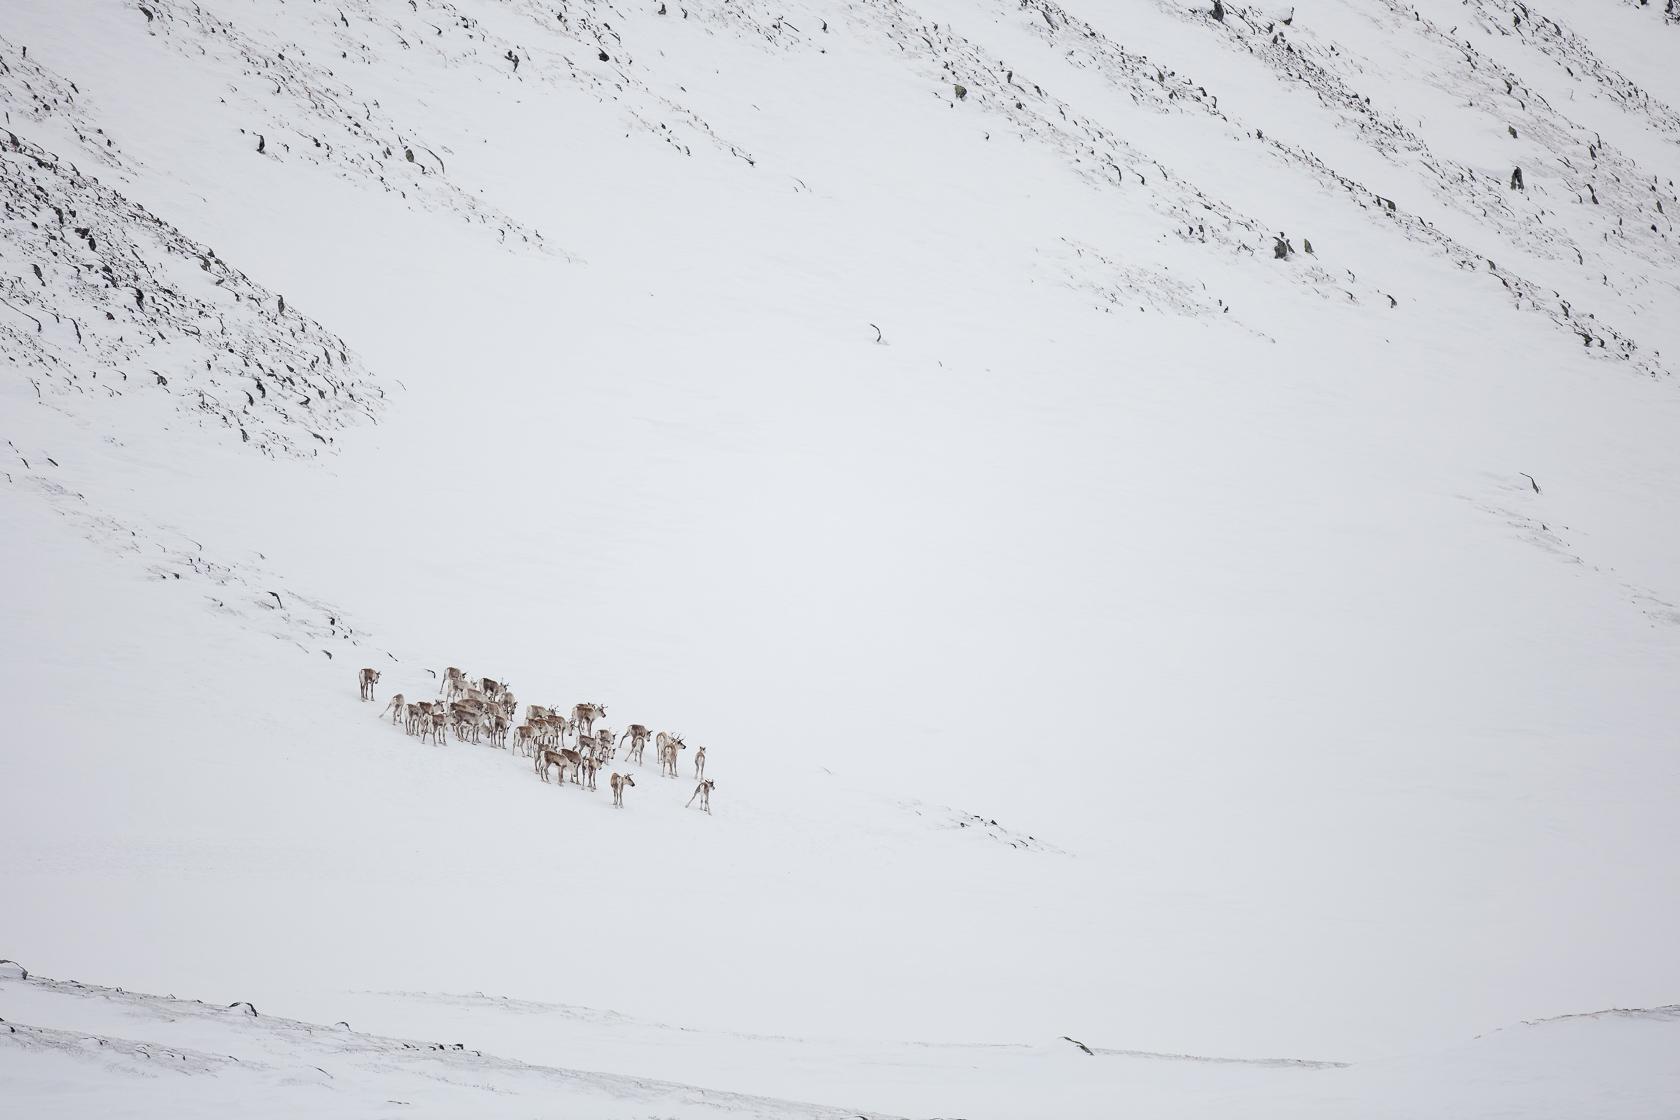 troupeau de rennes sauvages (Rangifer tarandus) dans le parc national de Dovrefjell en Norvège